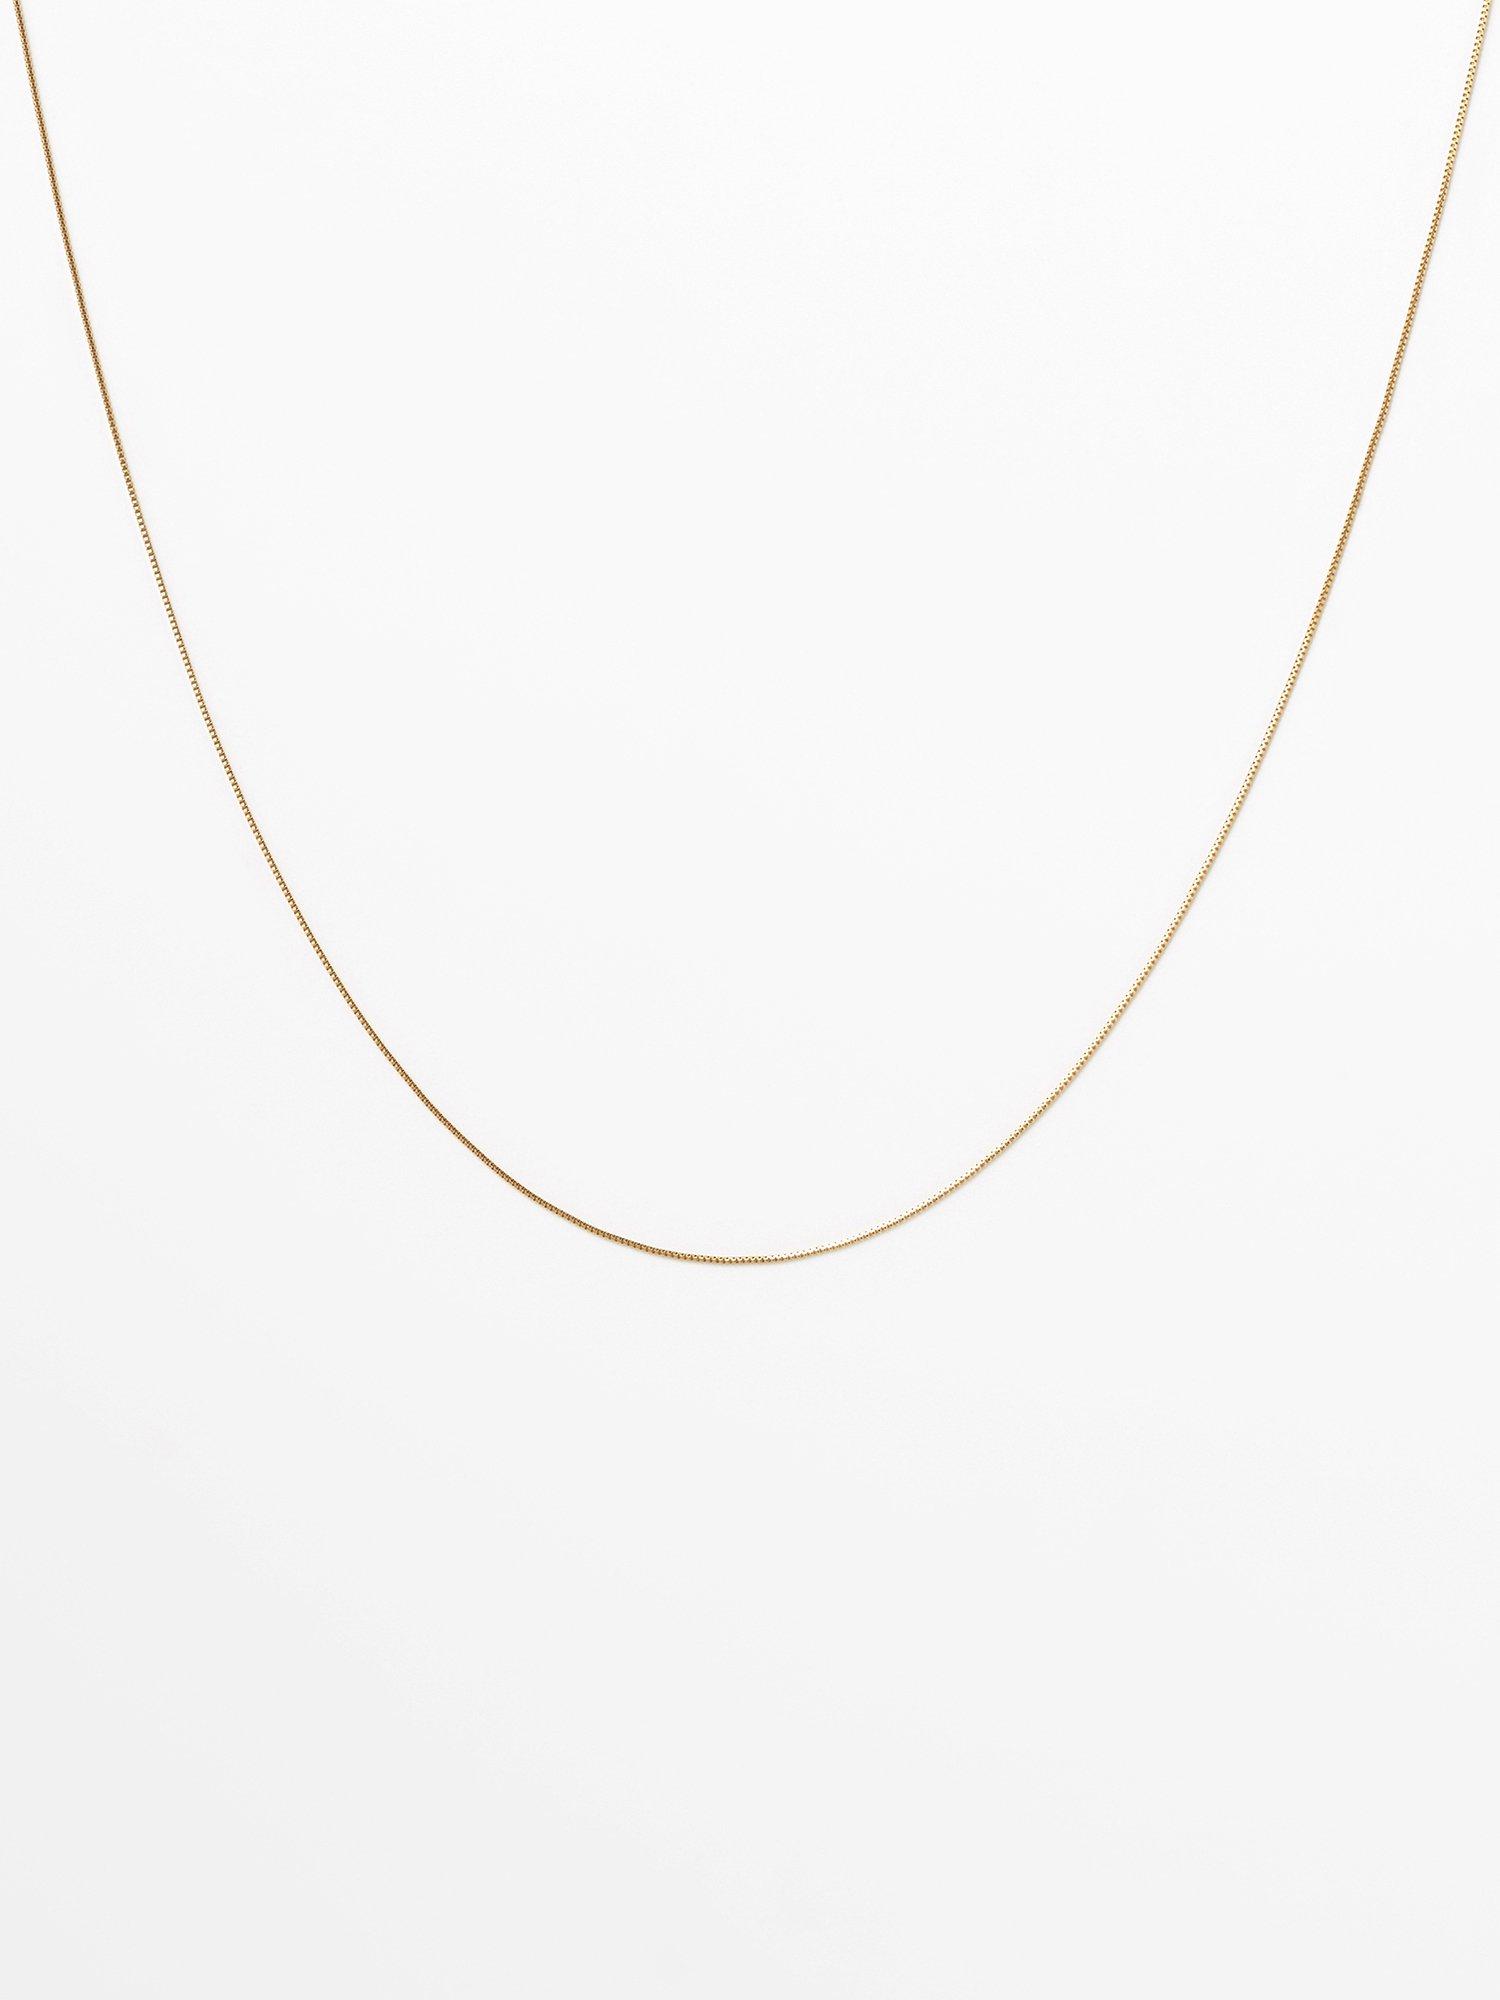 SOPHISTICATED VINTAGE / Gold line necklace / 380mm